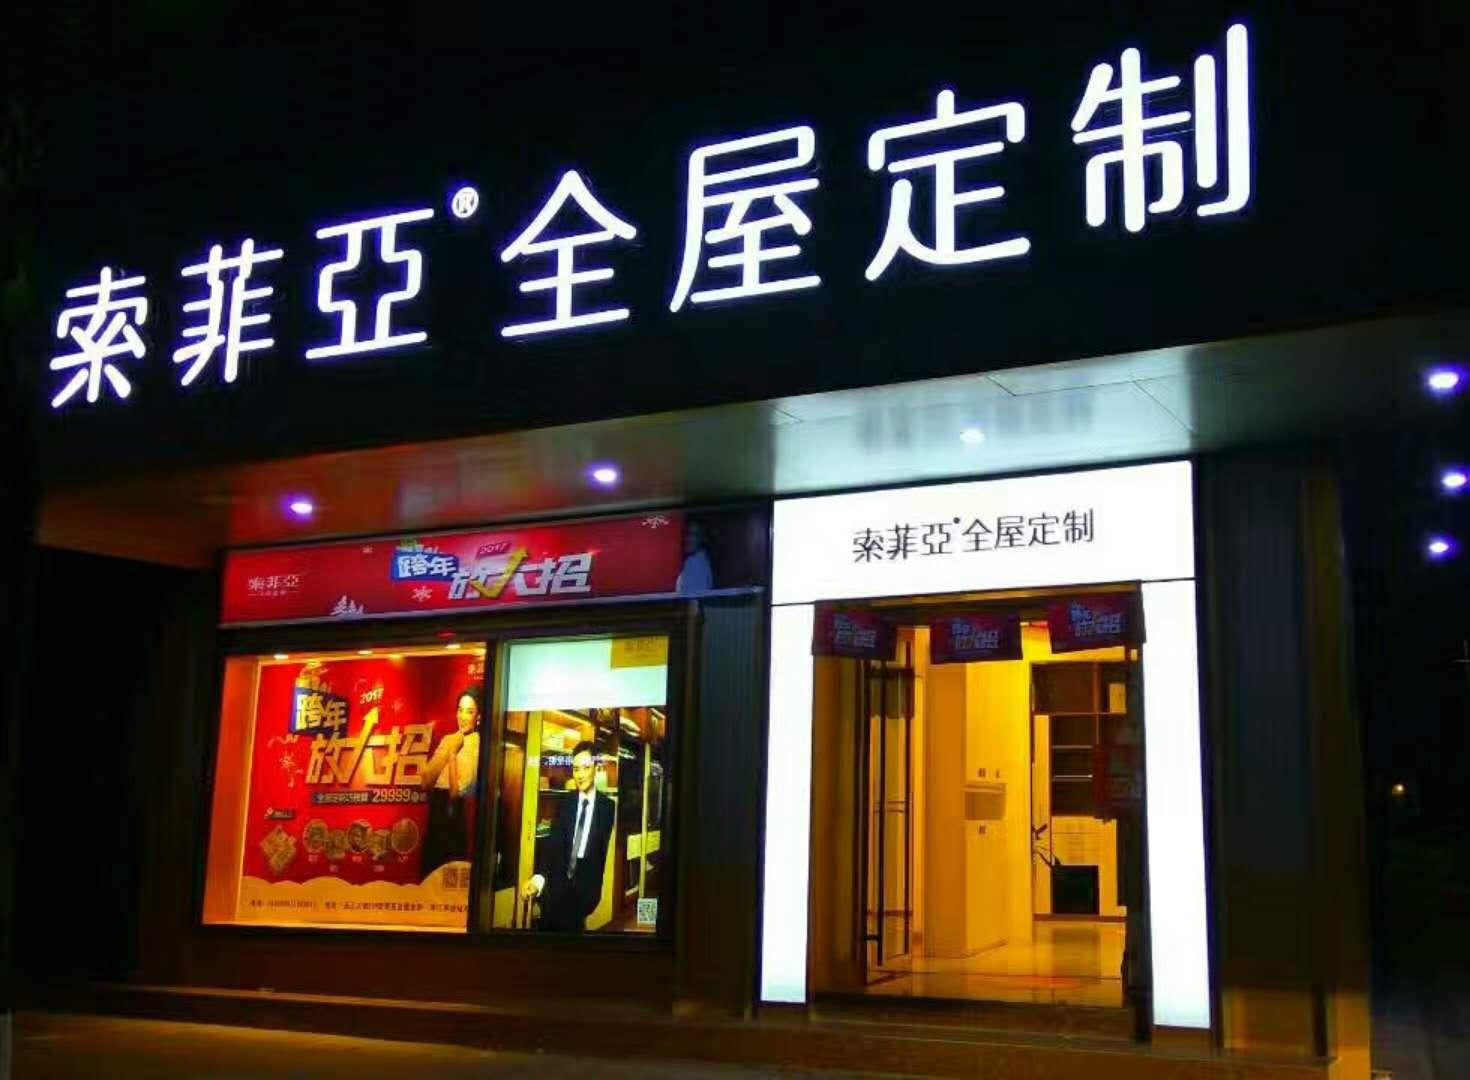 src=http___pic.wx.suofeiya.com.cn_upload_adm_images_201711_14-1157225743.jpg&refer=http___pic.wx.suofeiya.com.jpg